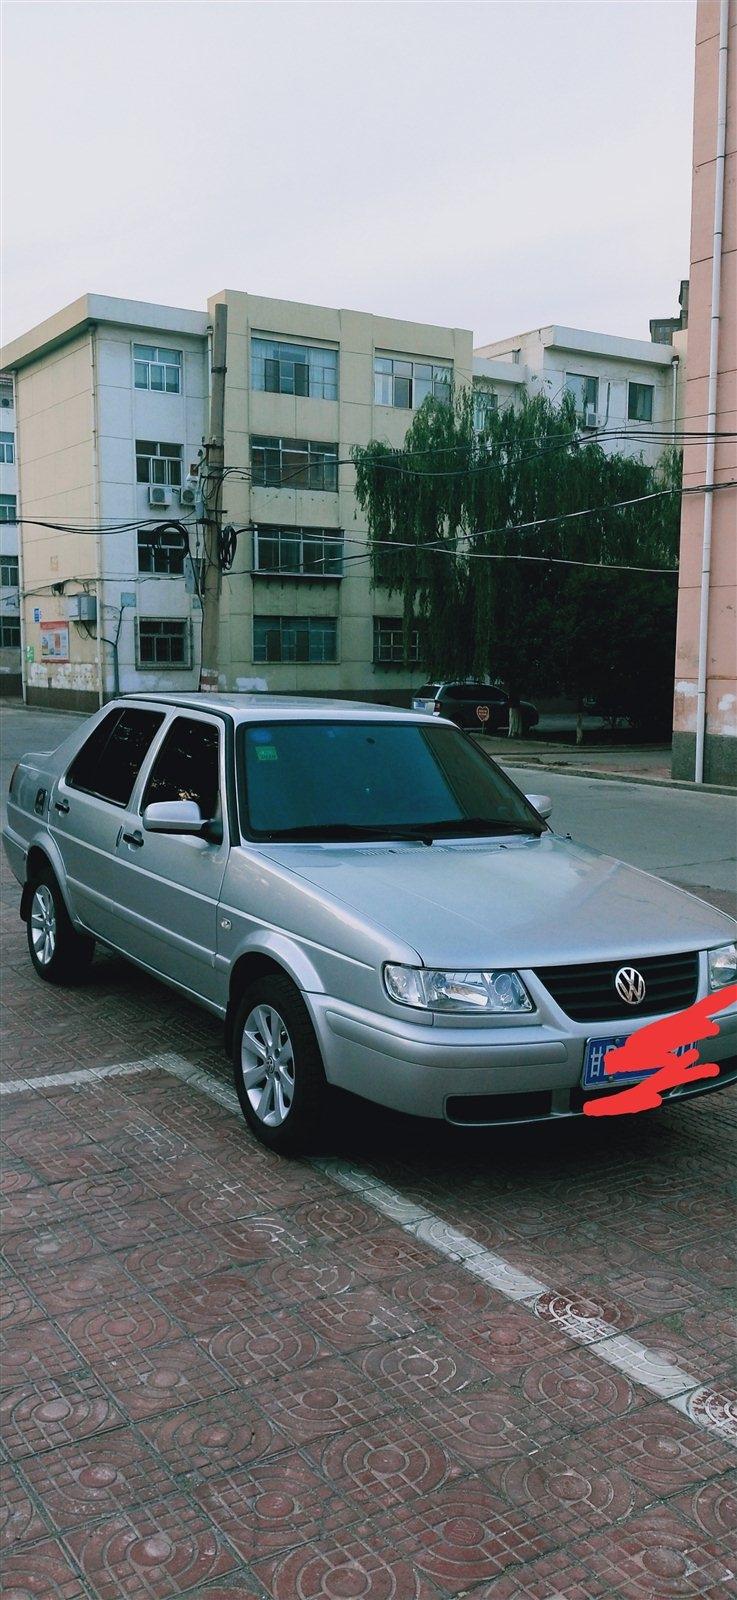 捷达车伙伴1.6L